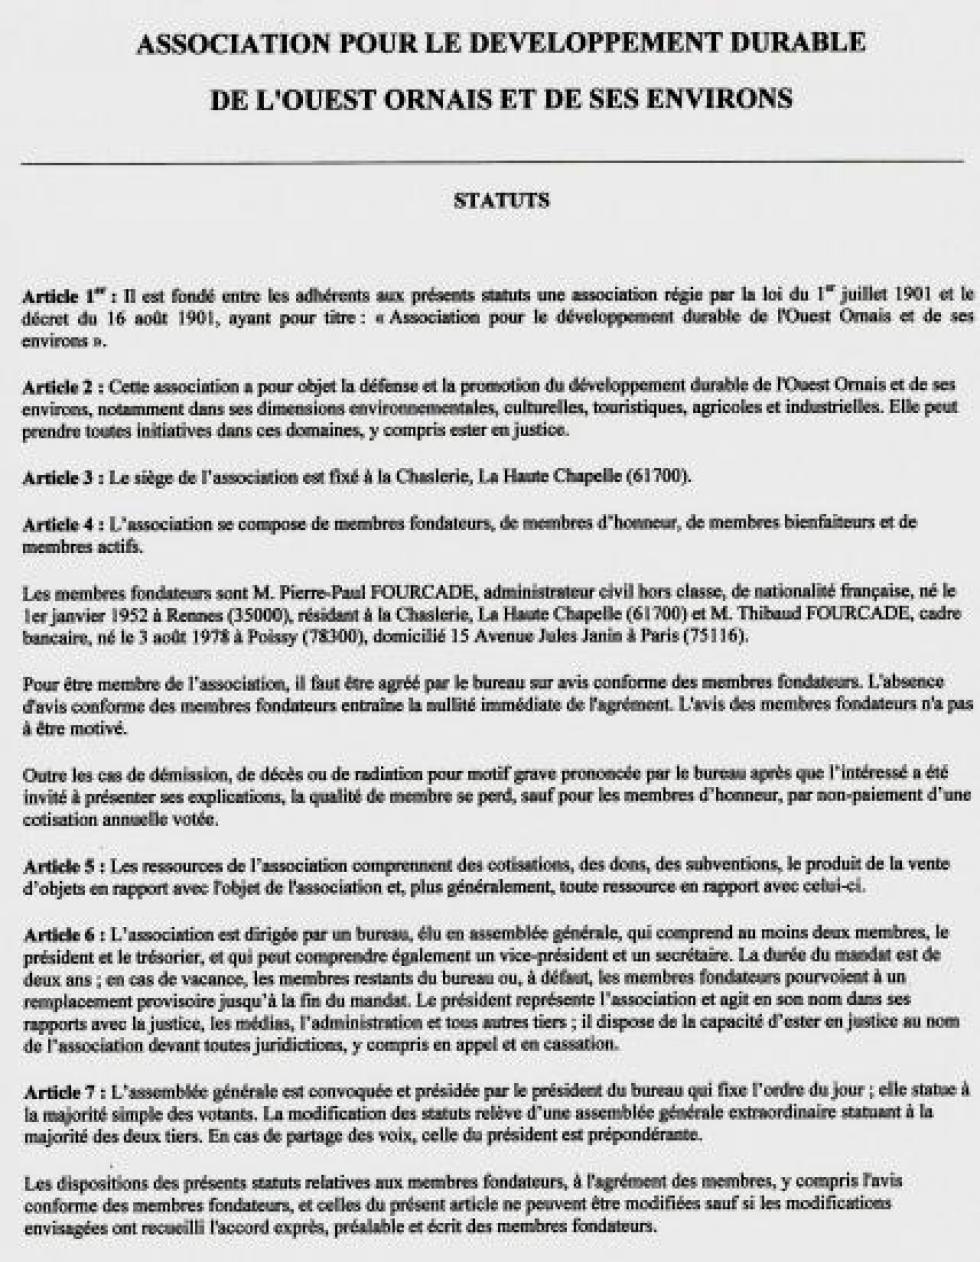 Statuts de l'association, tels que modifiés le 28 novembre 2012.